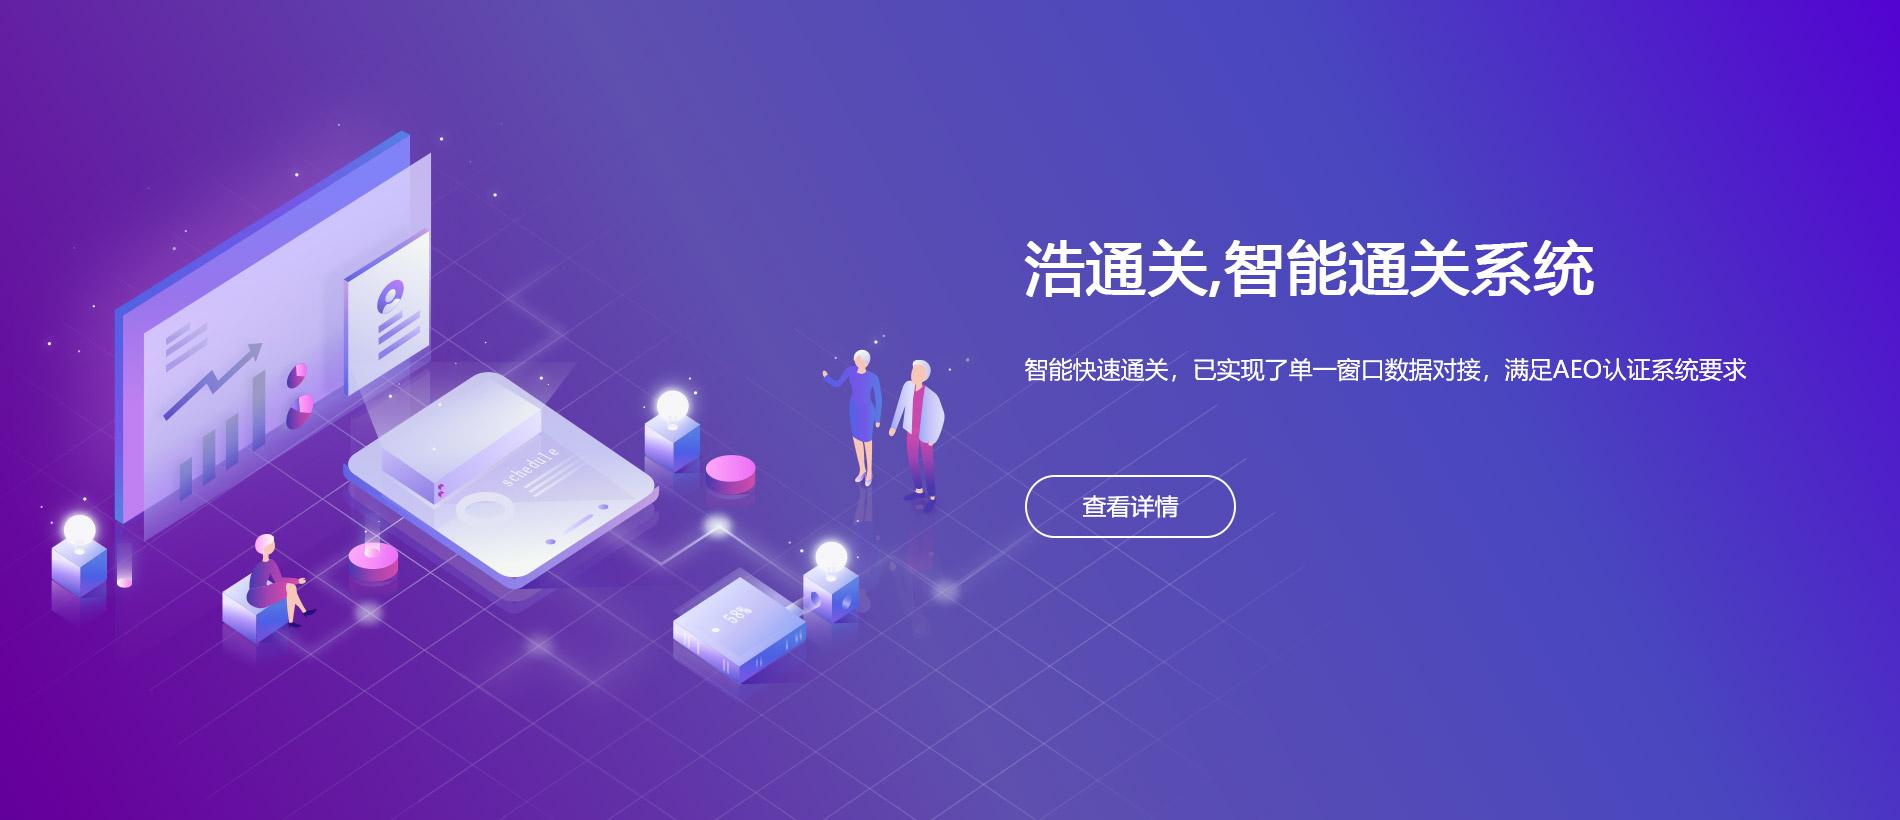 火狐体育官网首页-火狐体育app官网-火狐体育靠谱吗